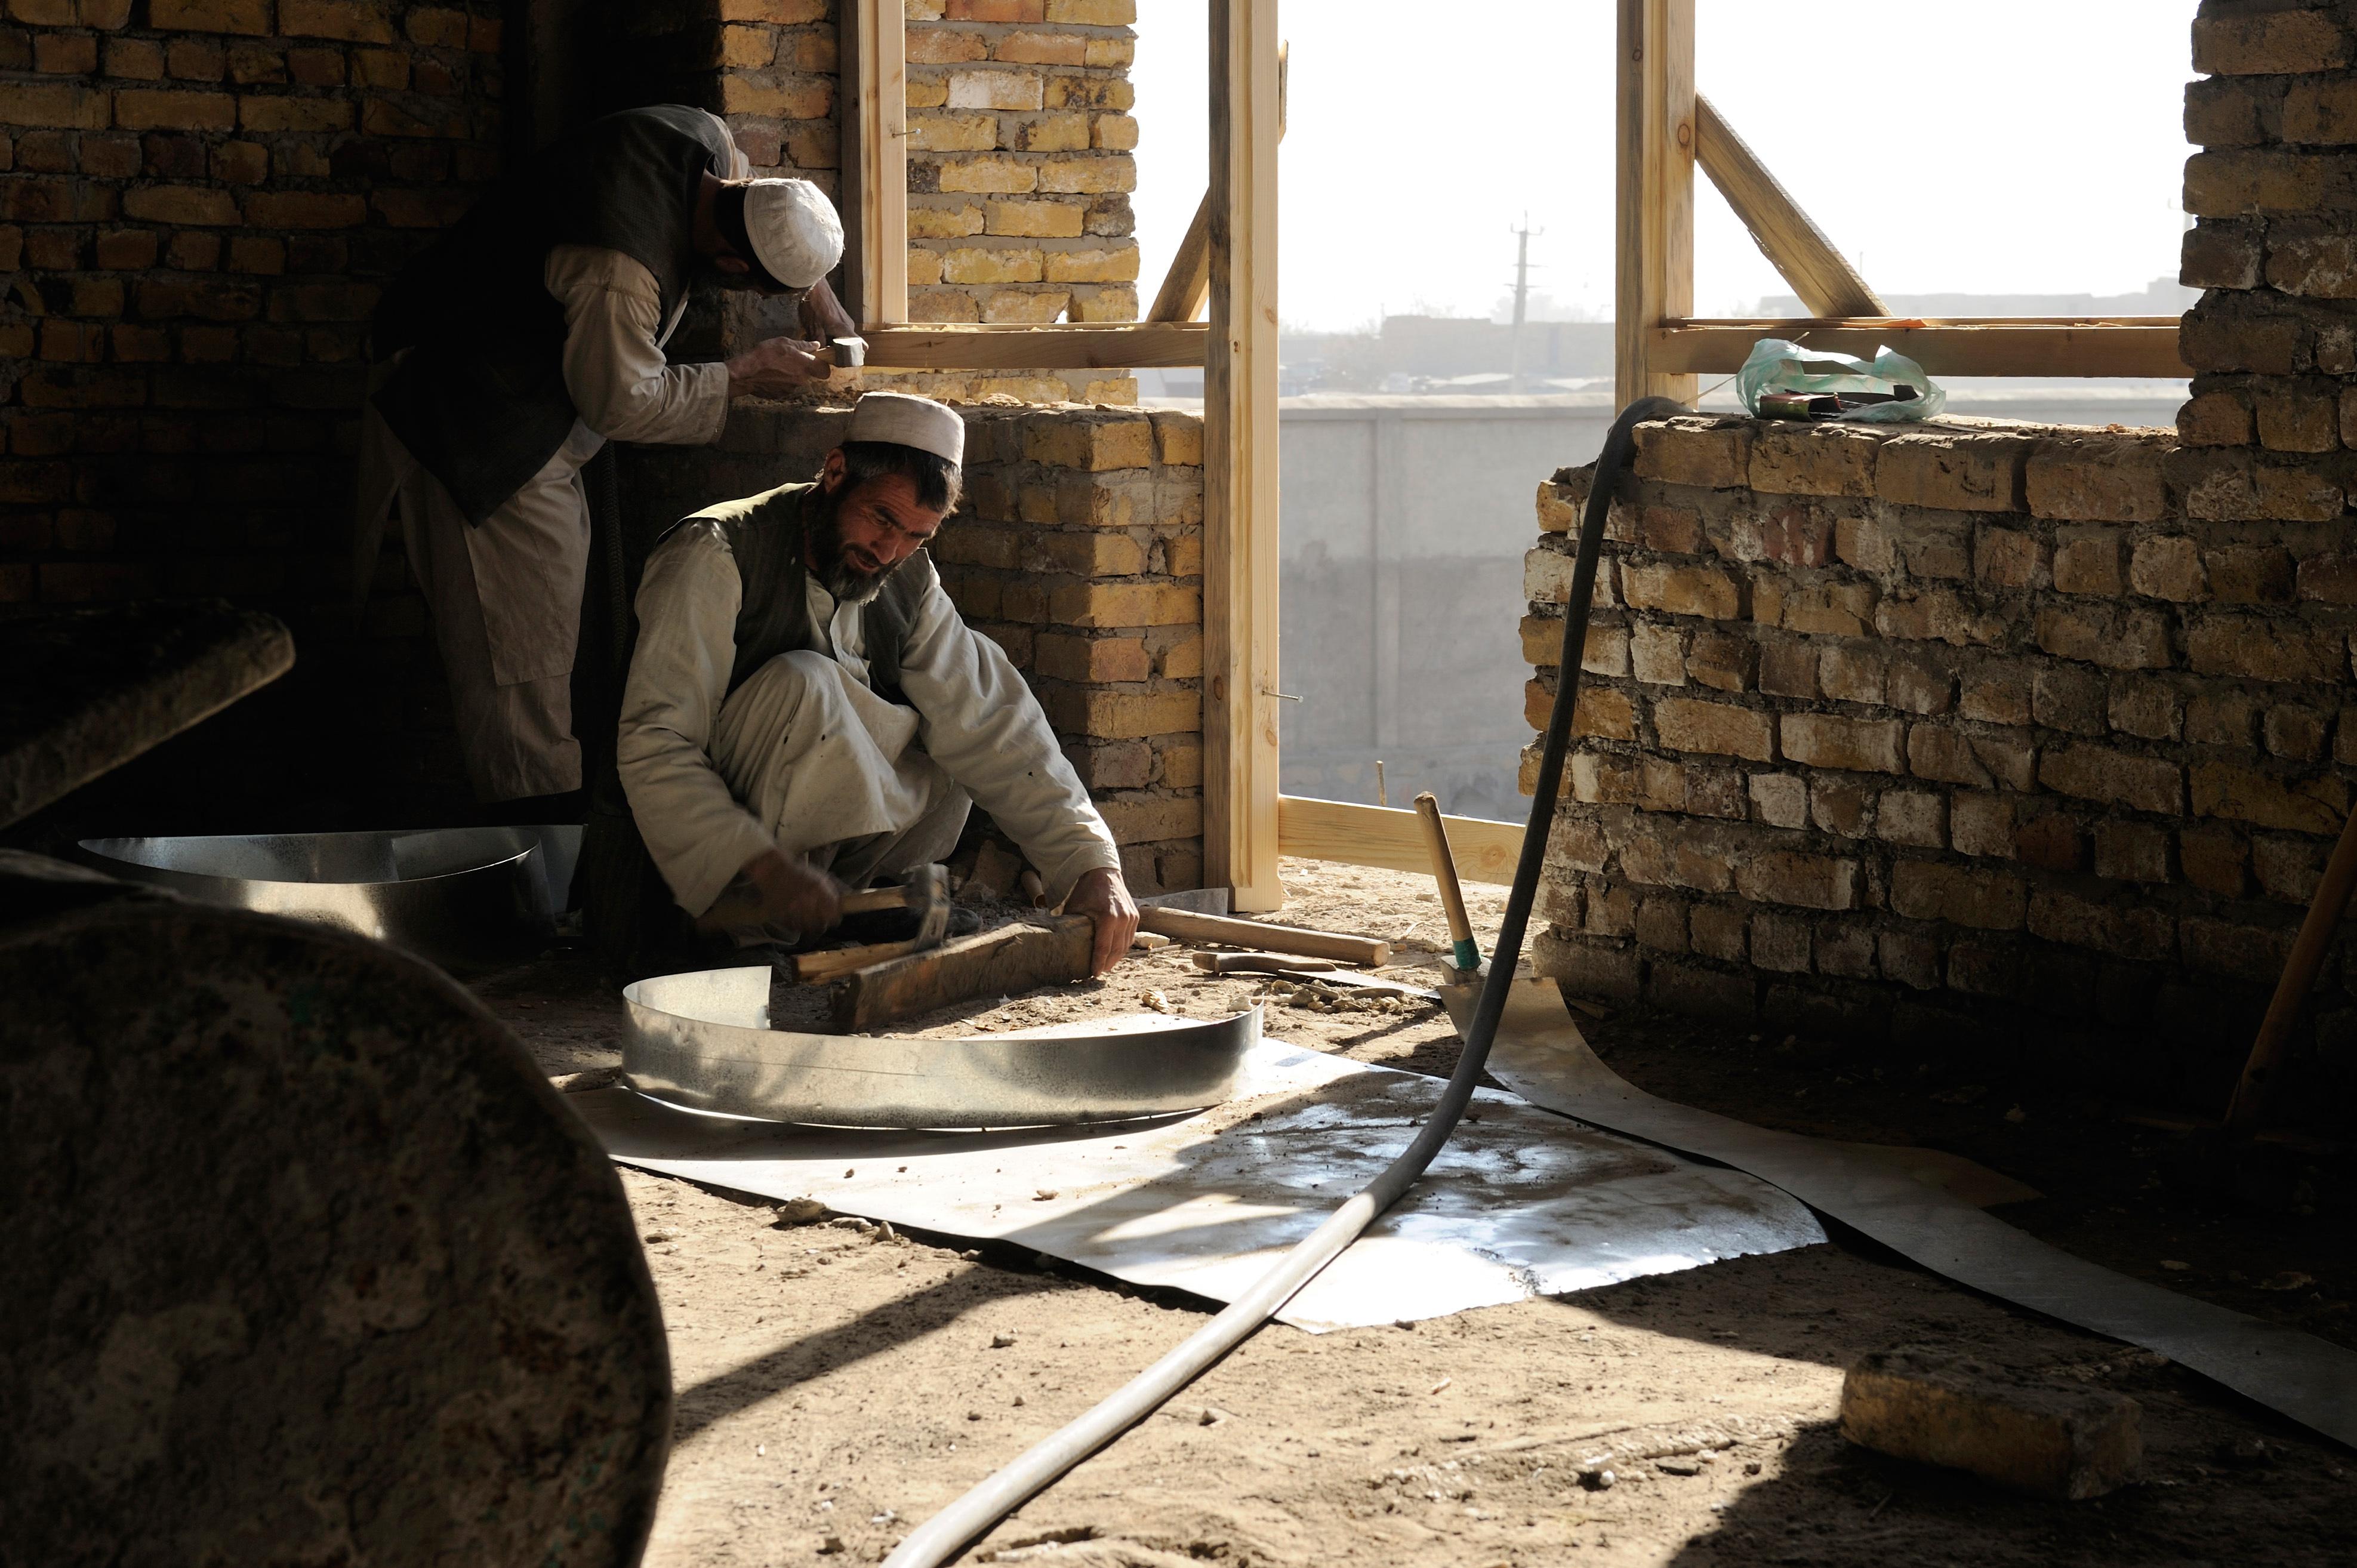 Galerie de photos 100 images de l afghanistan for Fenetre theriault